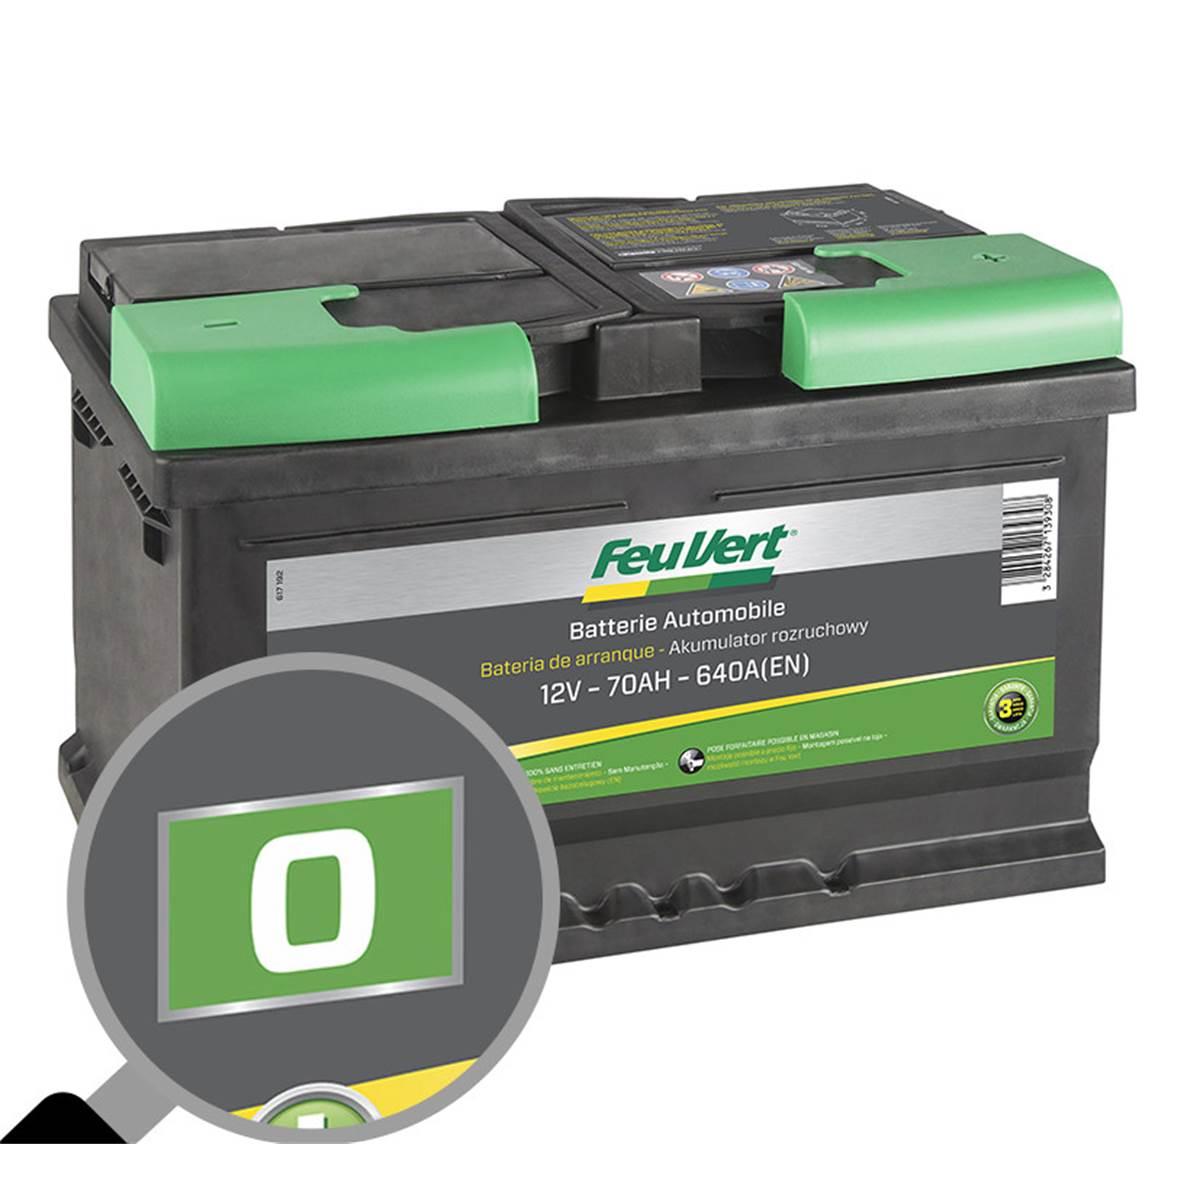 Batterie voiture Feu Vert O